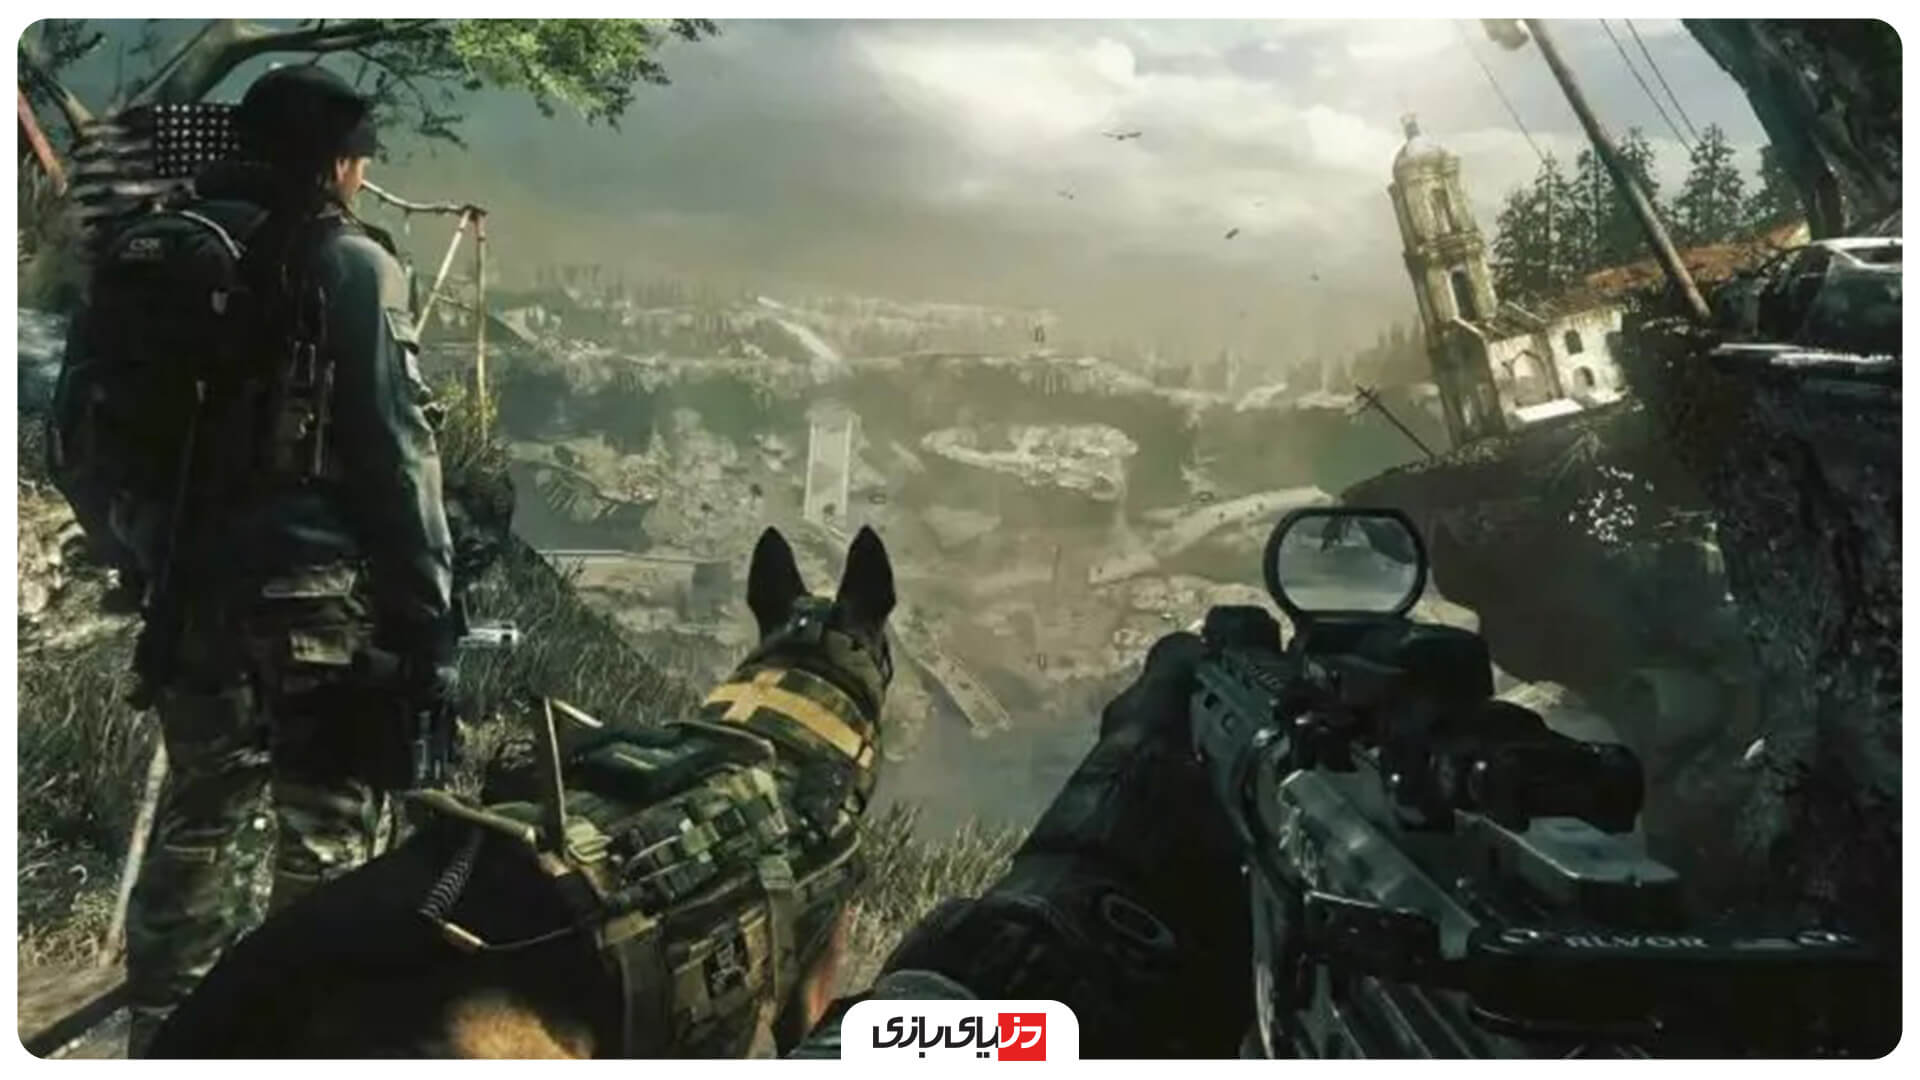 بازی جنگی Call Of Duty: Ghosts